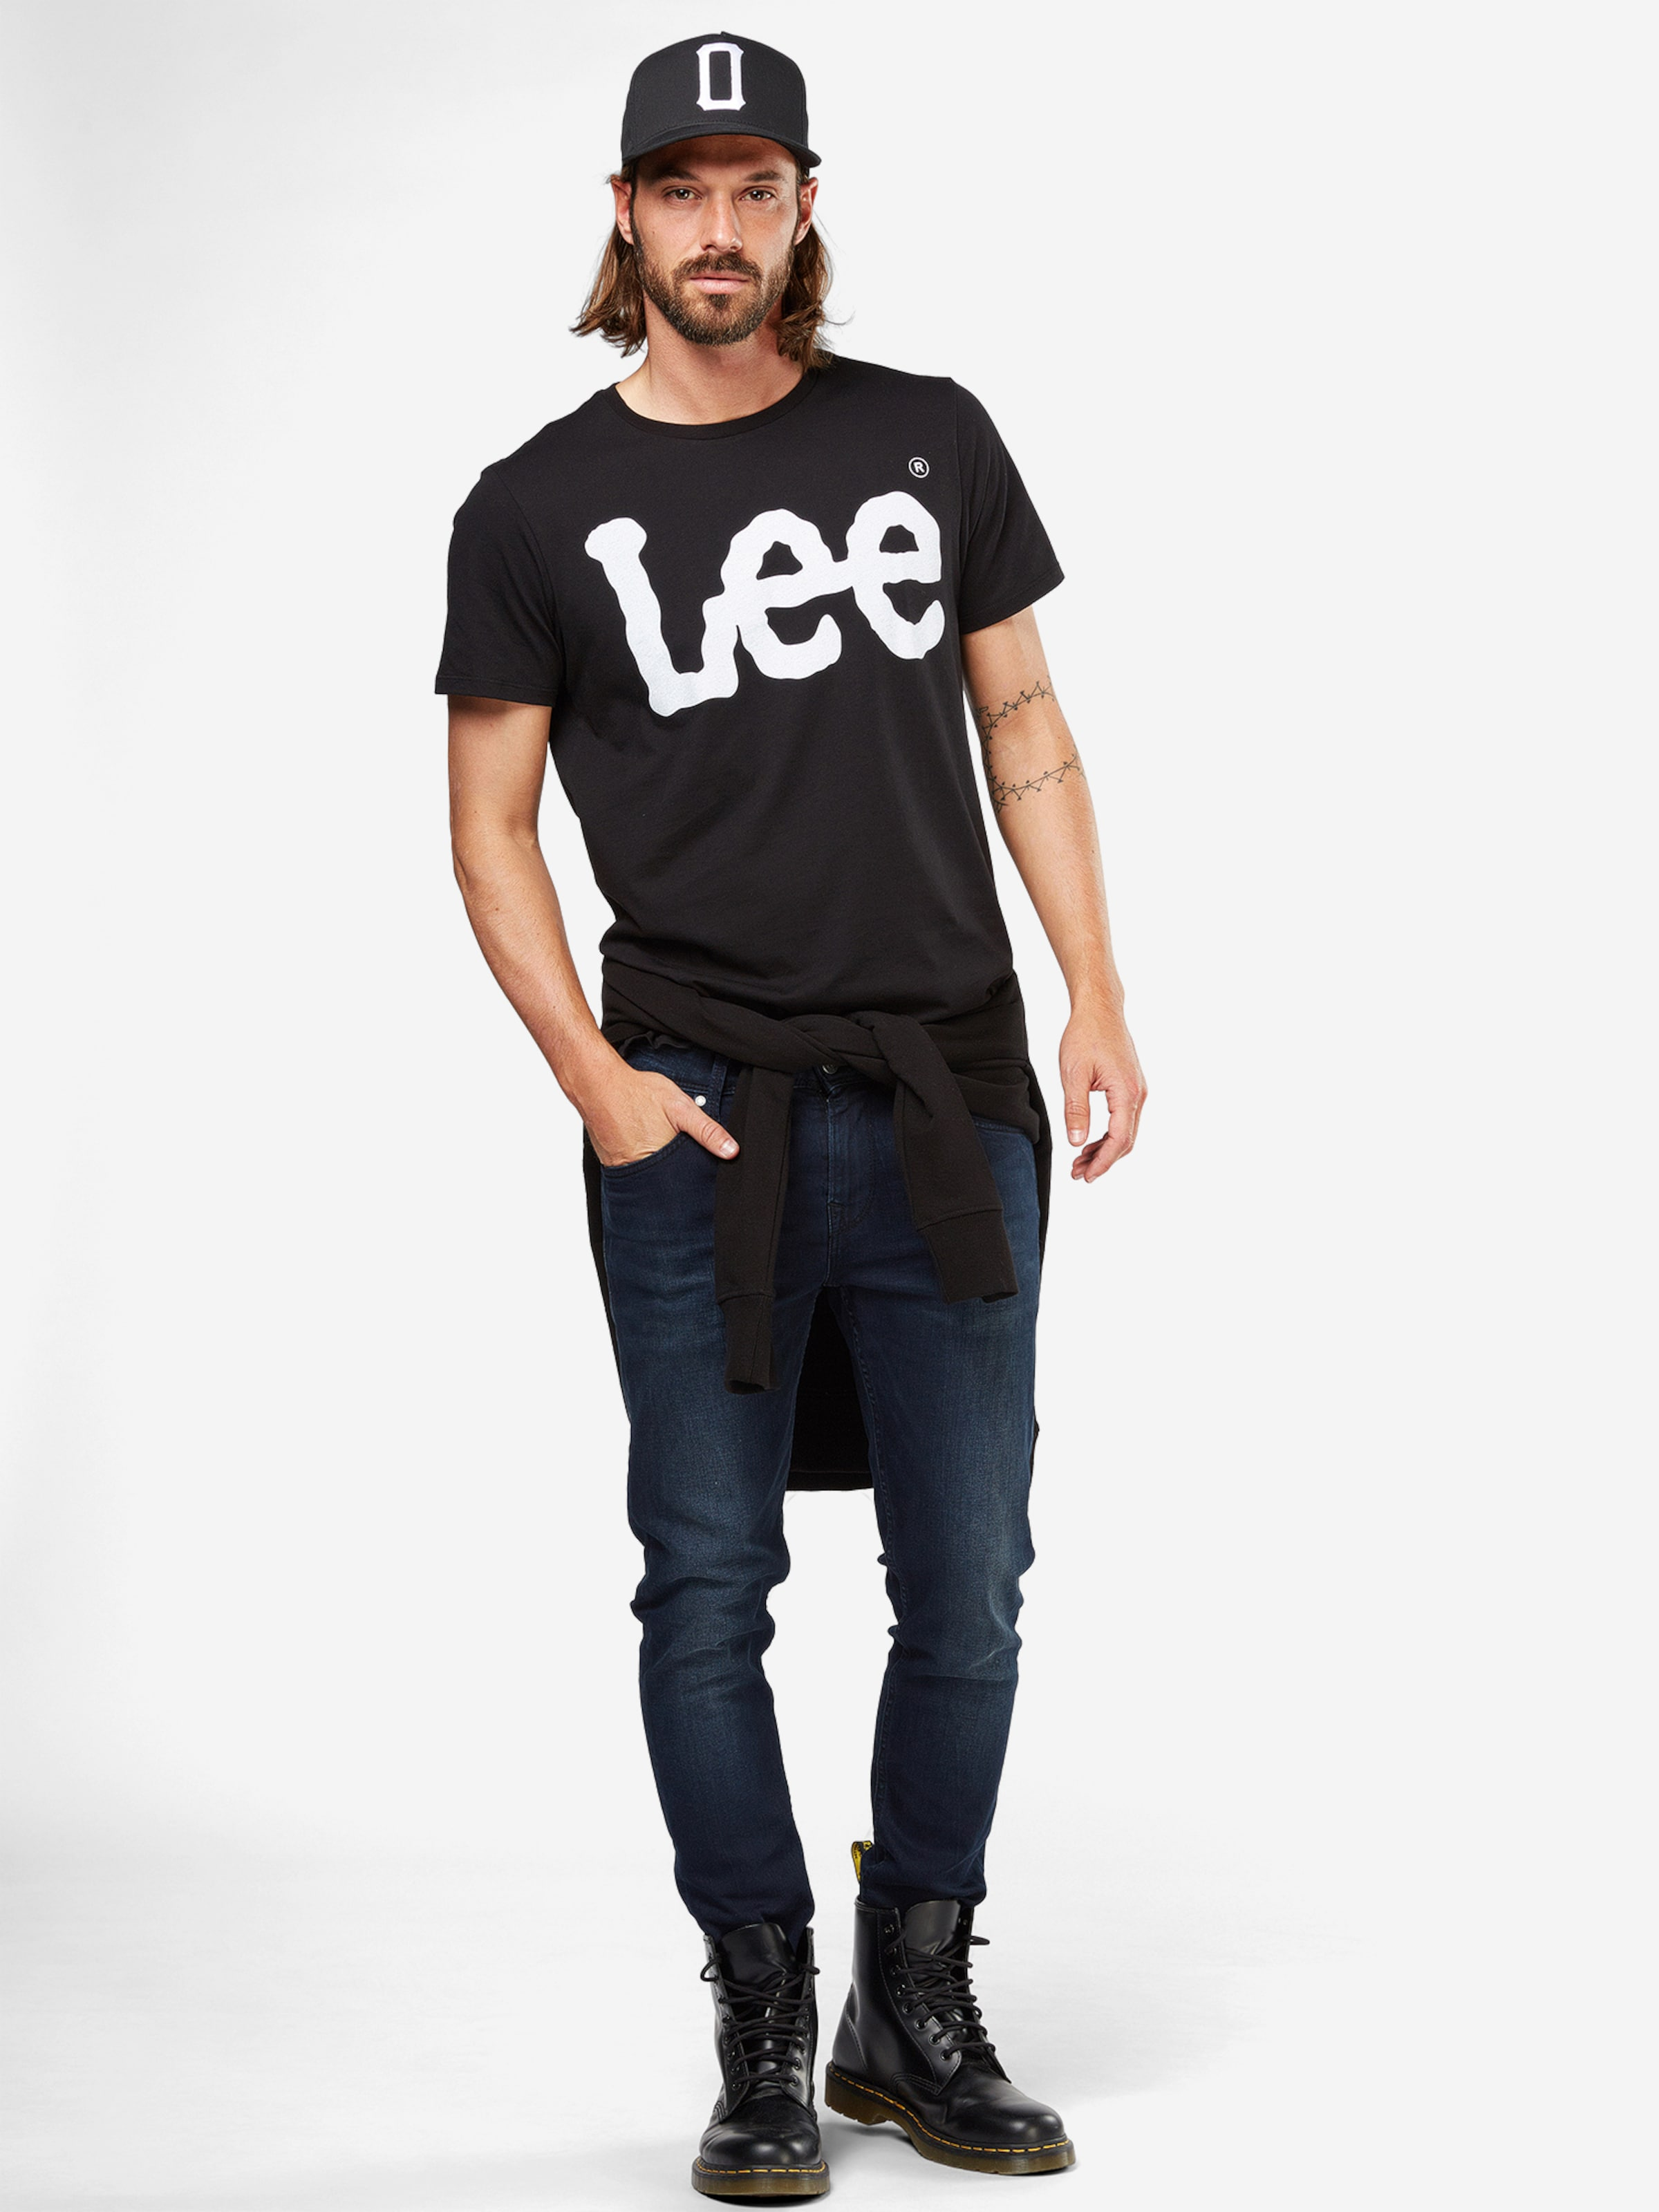 Lee T-Shirt Erhalten Authentisch Zu Verkaufen Spielraum Niedrigsten Preis 2018 Neueste Preiswerte Online Billig 2018 Neu Freies Verschiffen Niedriger Versand rVXZK